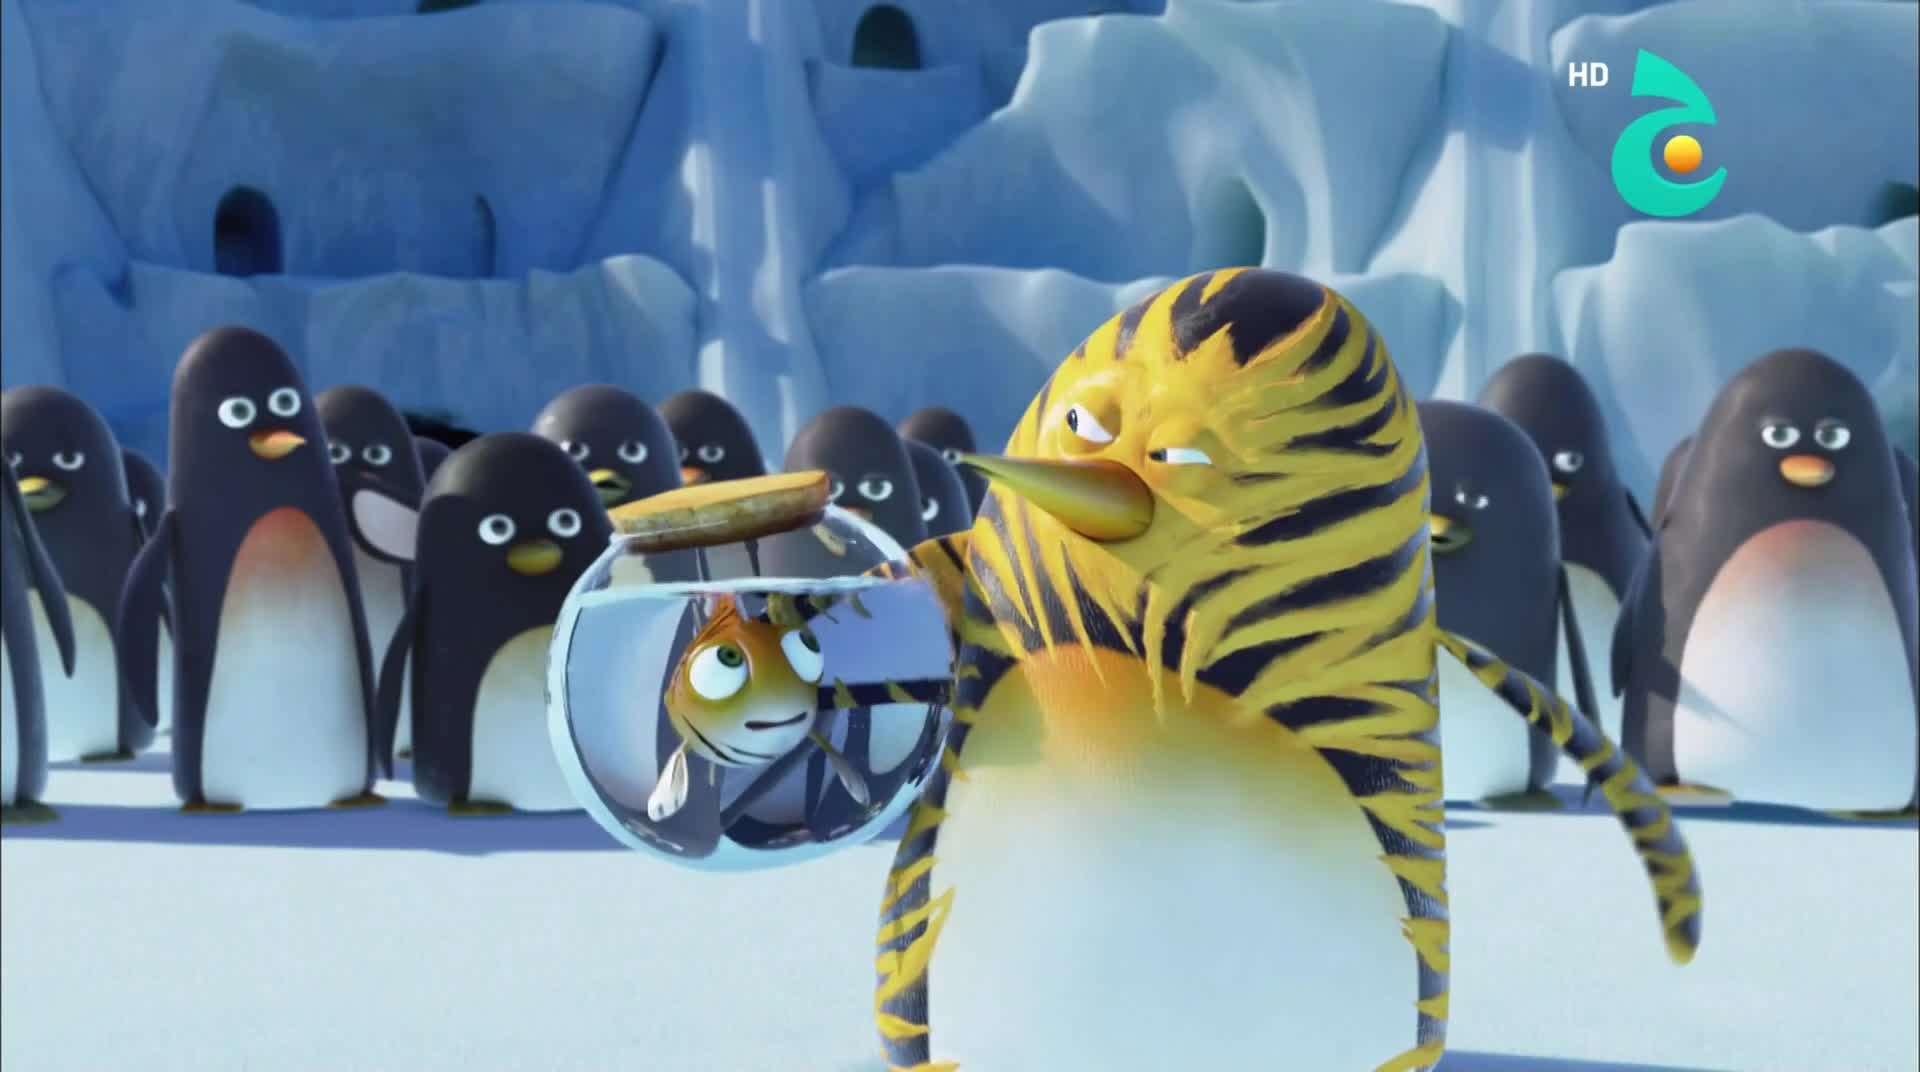 أسطورة النمر المحارب The Jungle Bunch (2011) HDTV 1080p تحميل تورنت 13 arabp2p.com